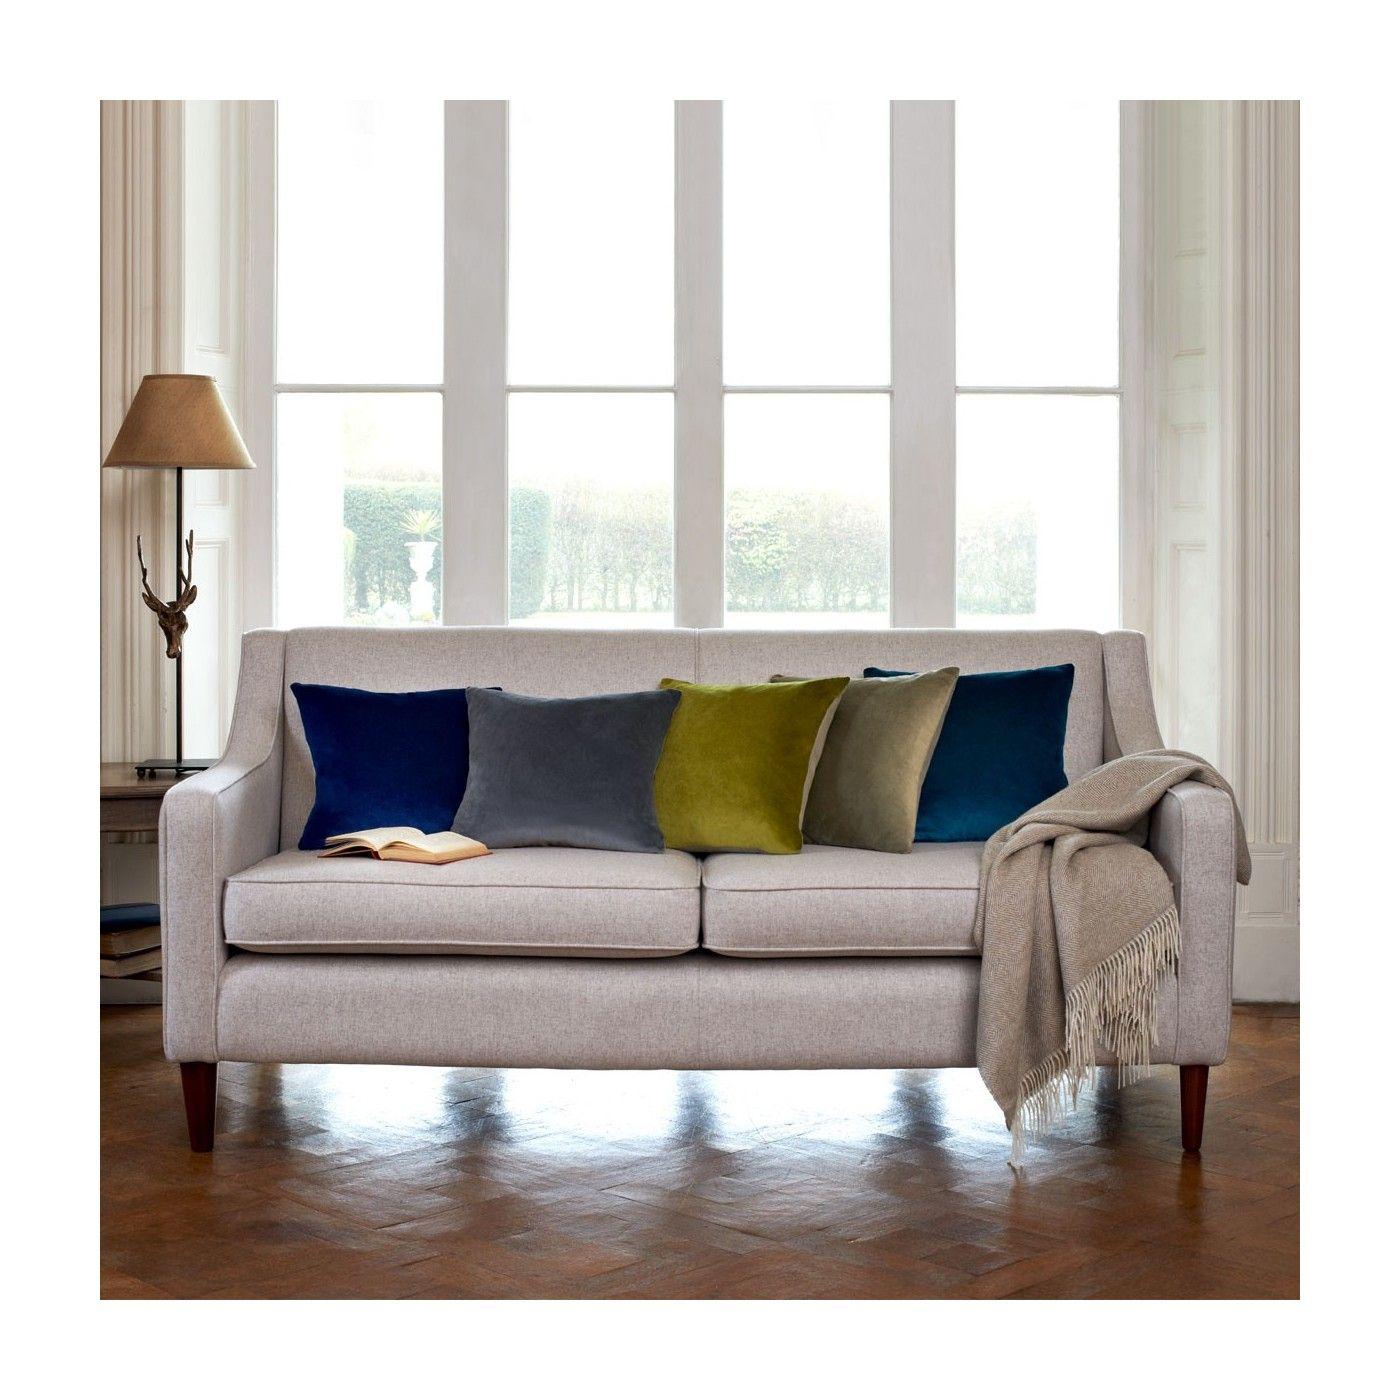 Velvet/Linen Cushion - Olive